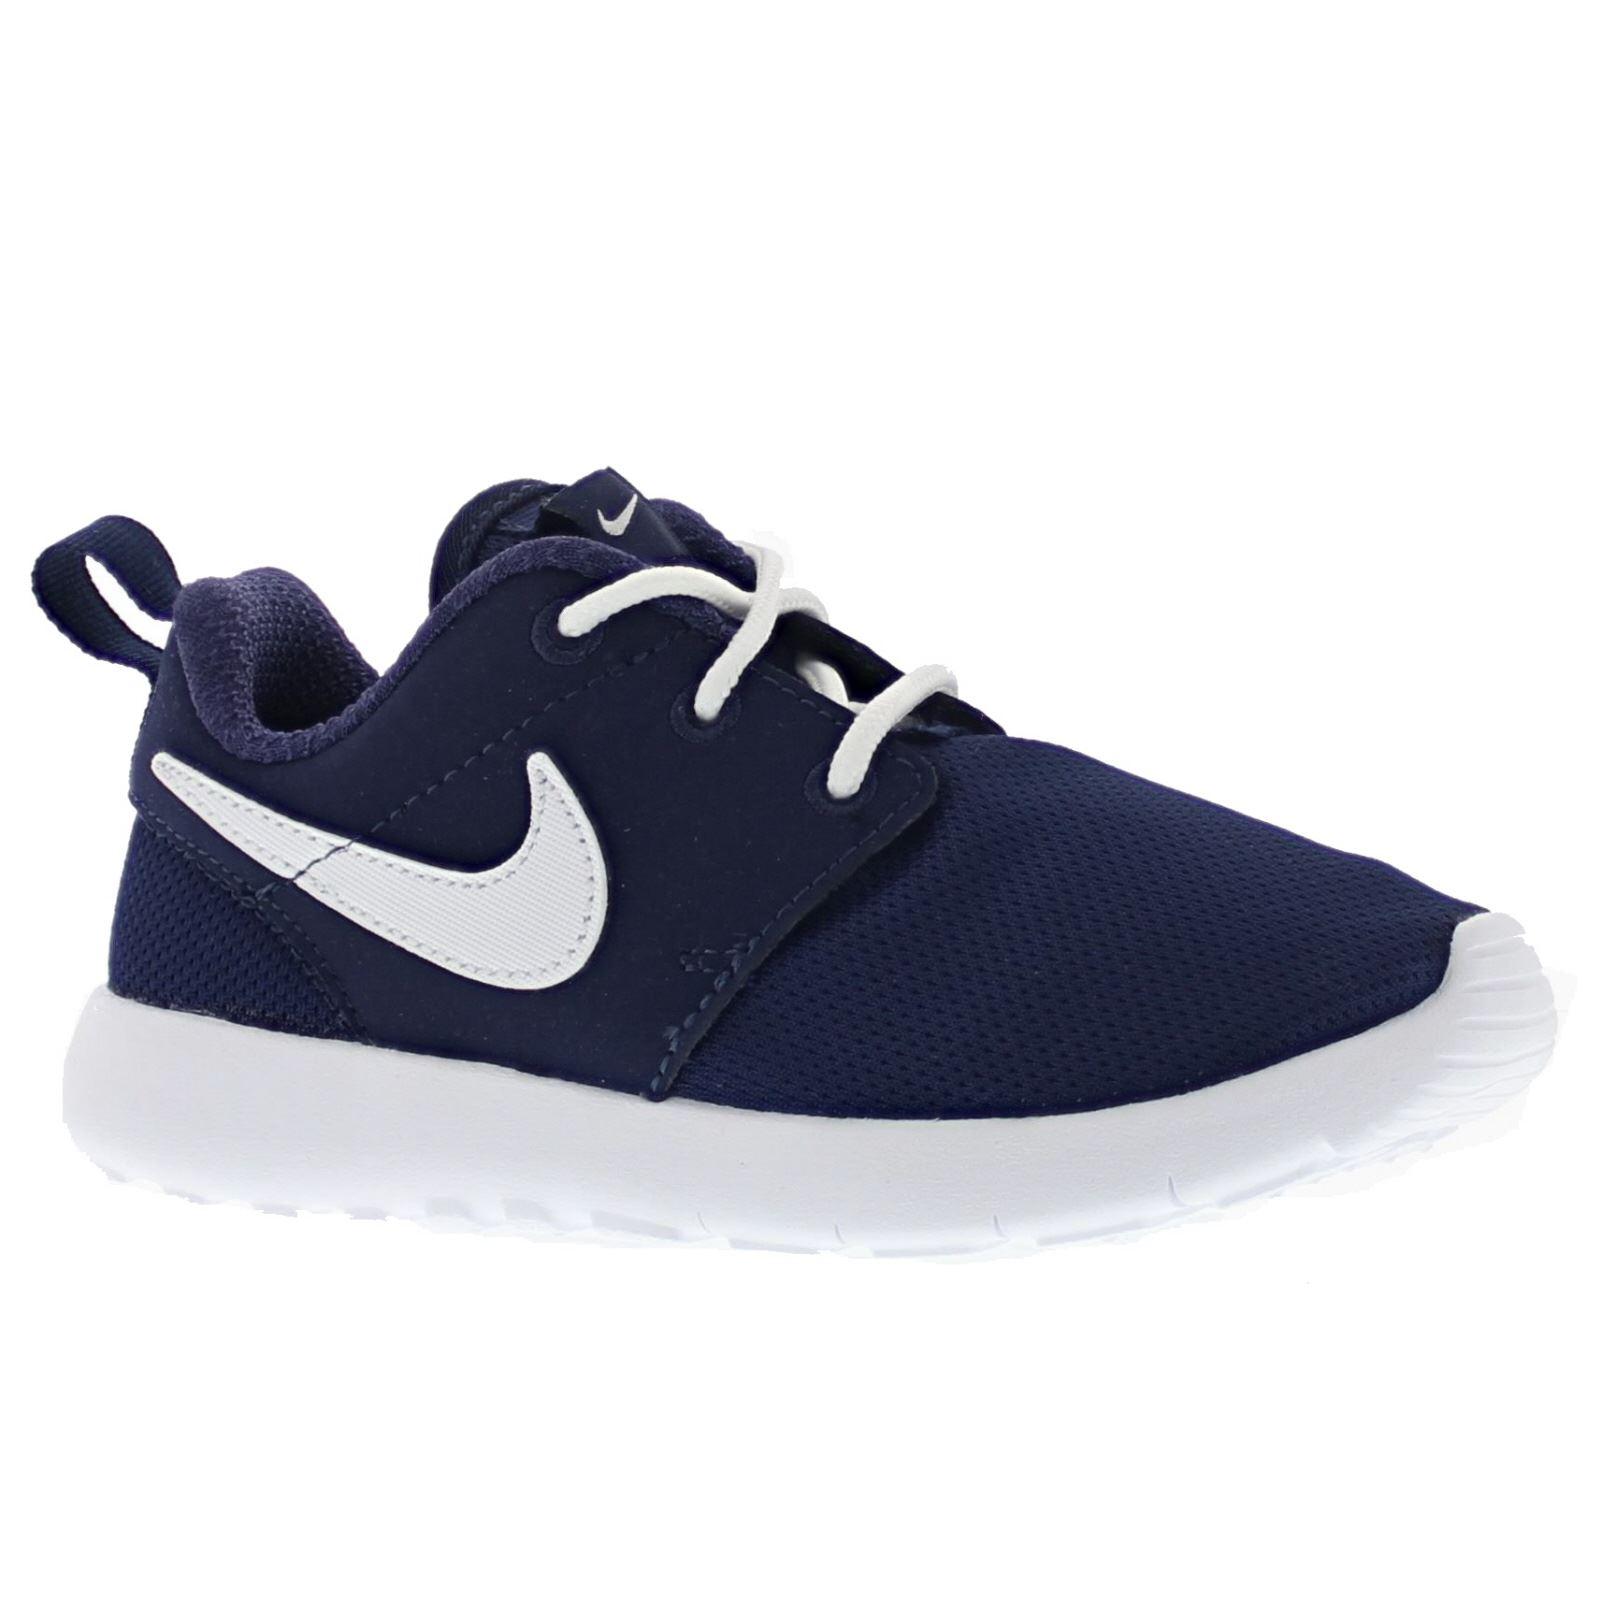 Nike Roshe One Kids Trainers